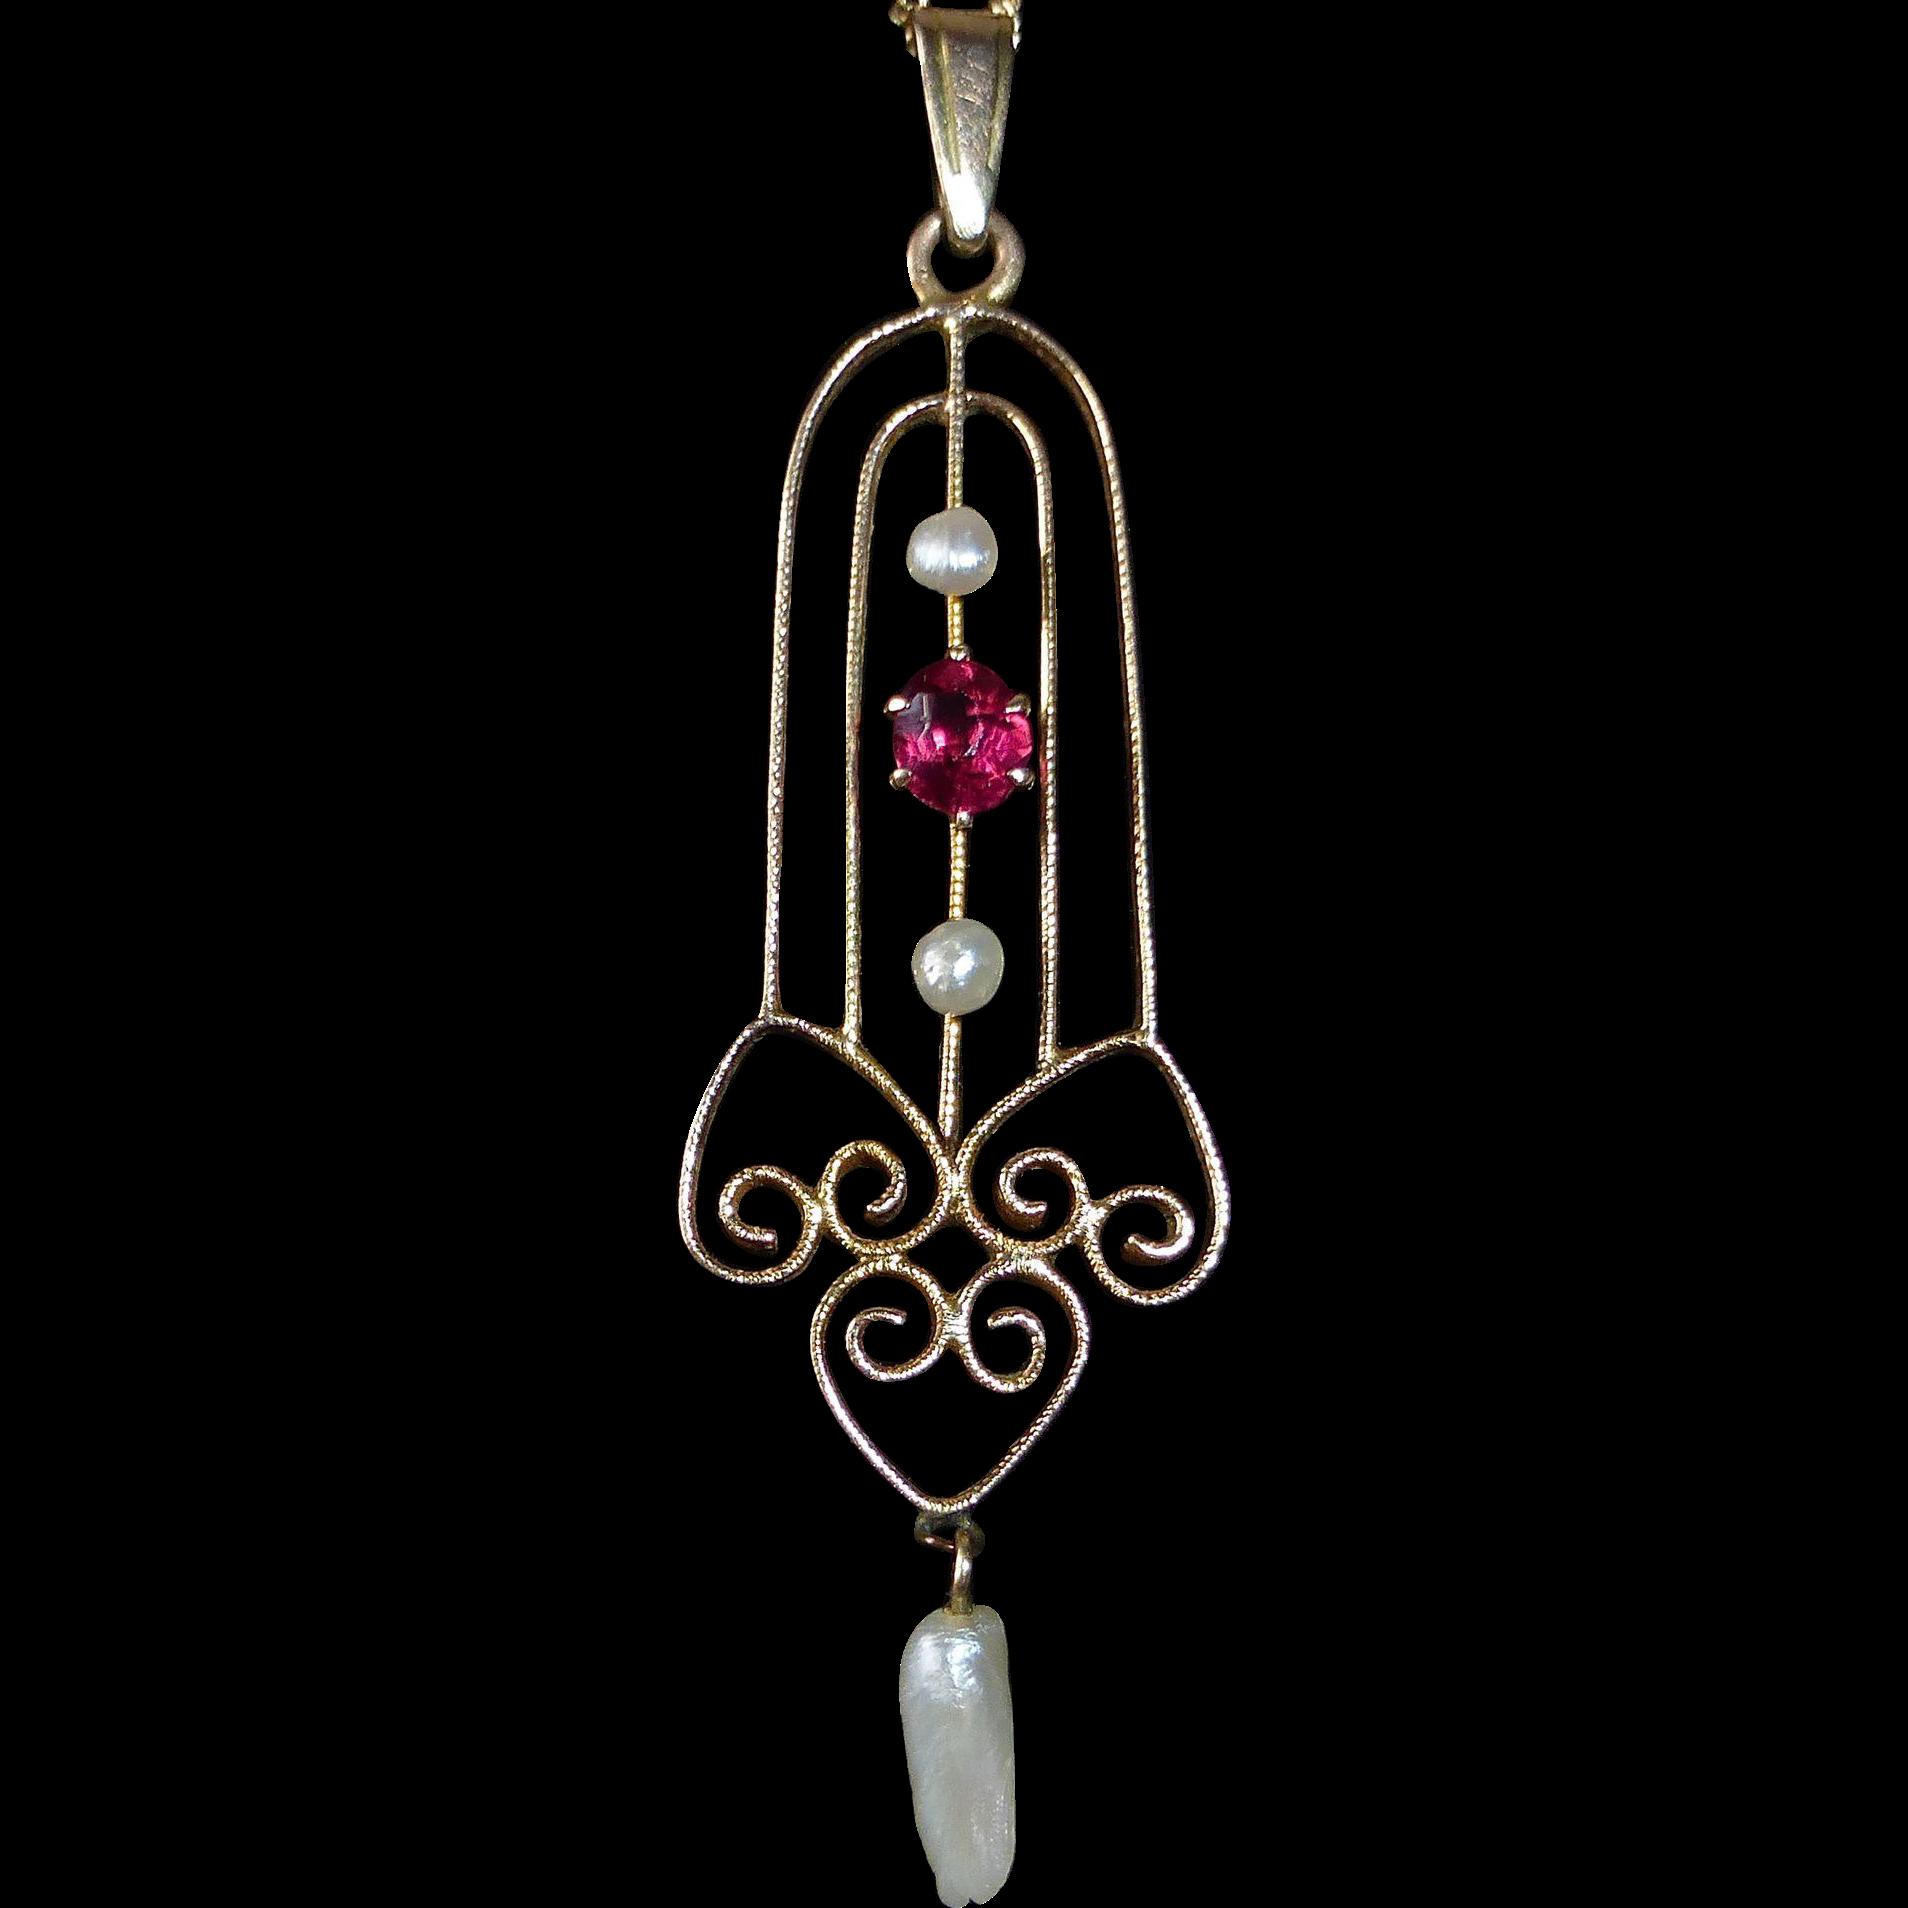 14k Edwardian Garnet & Seed Pearl Lavaliere Necklace